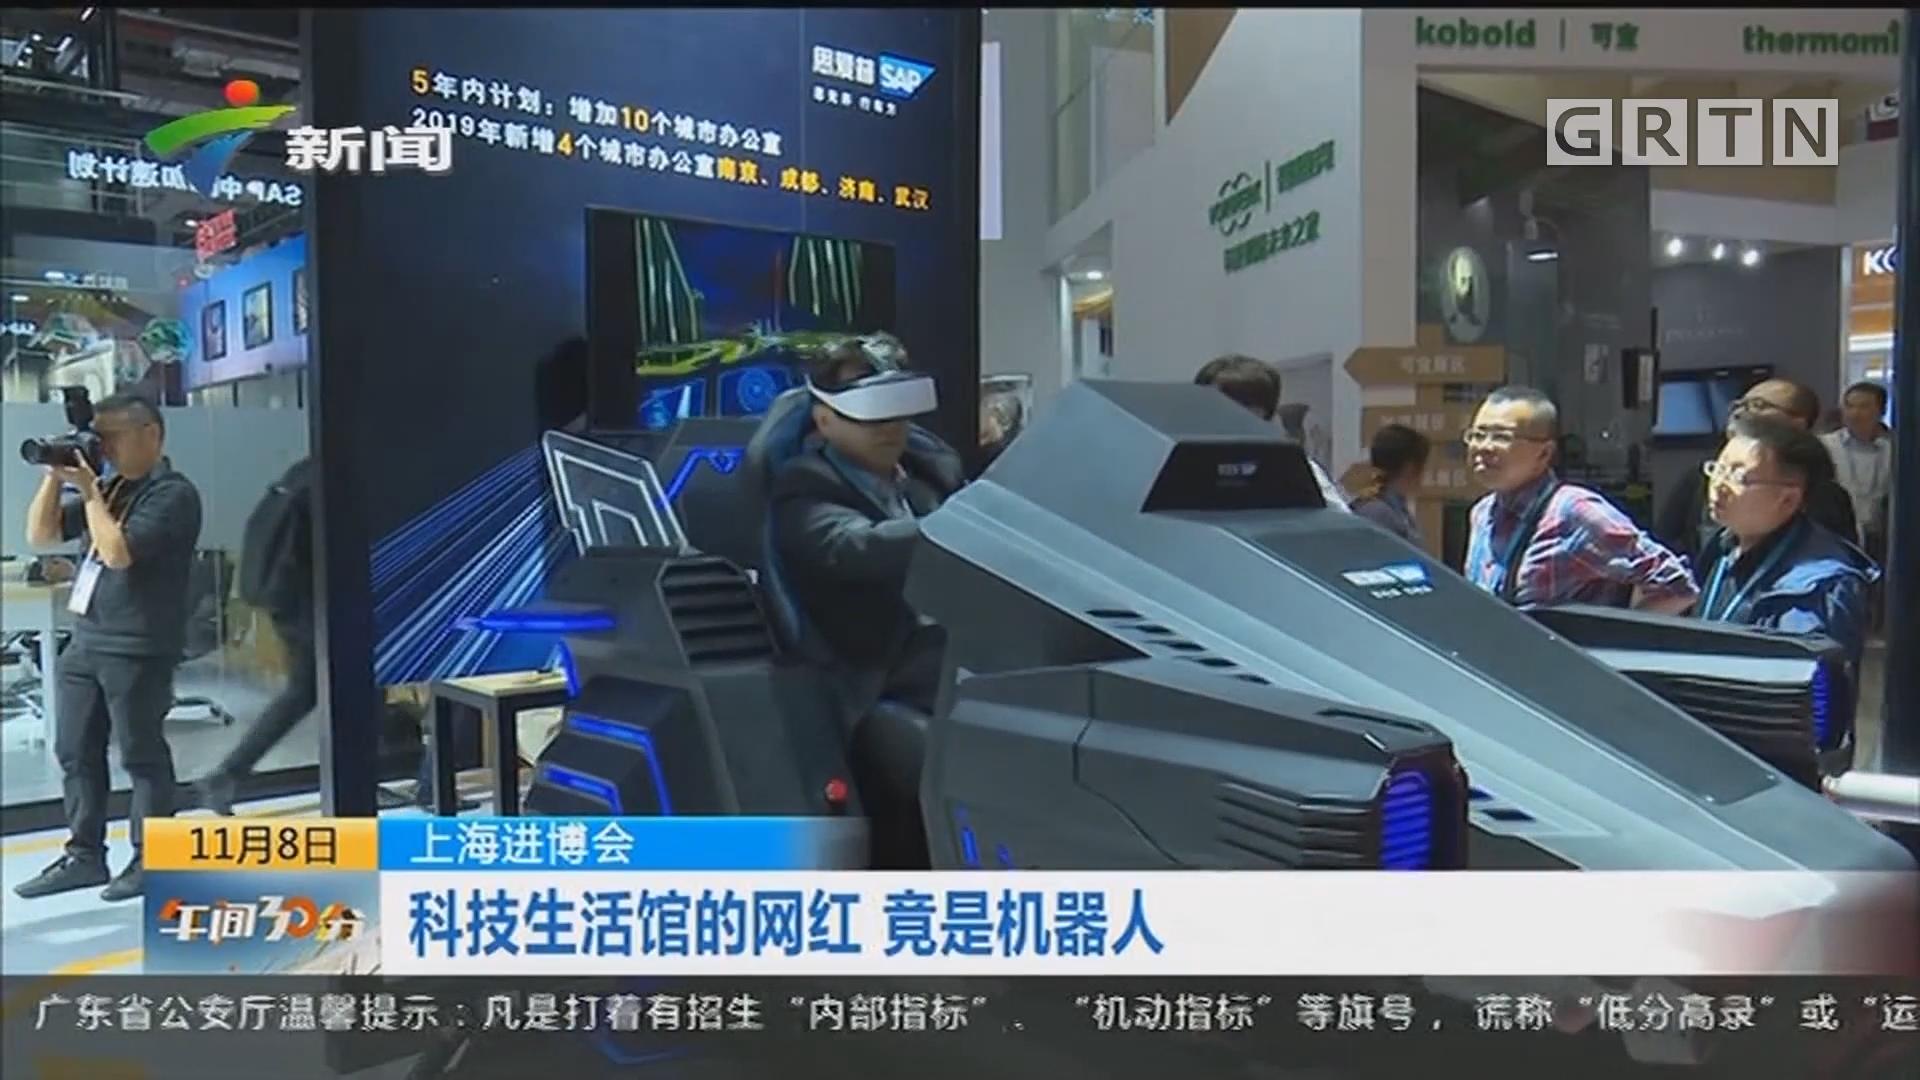 上海进博会:科技生活馆的网红 竟是机器人